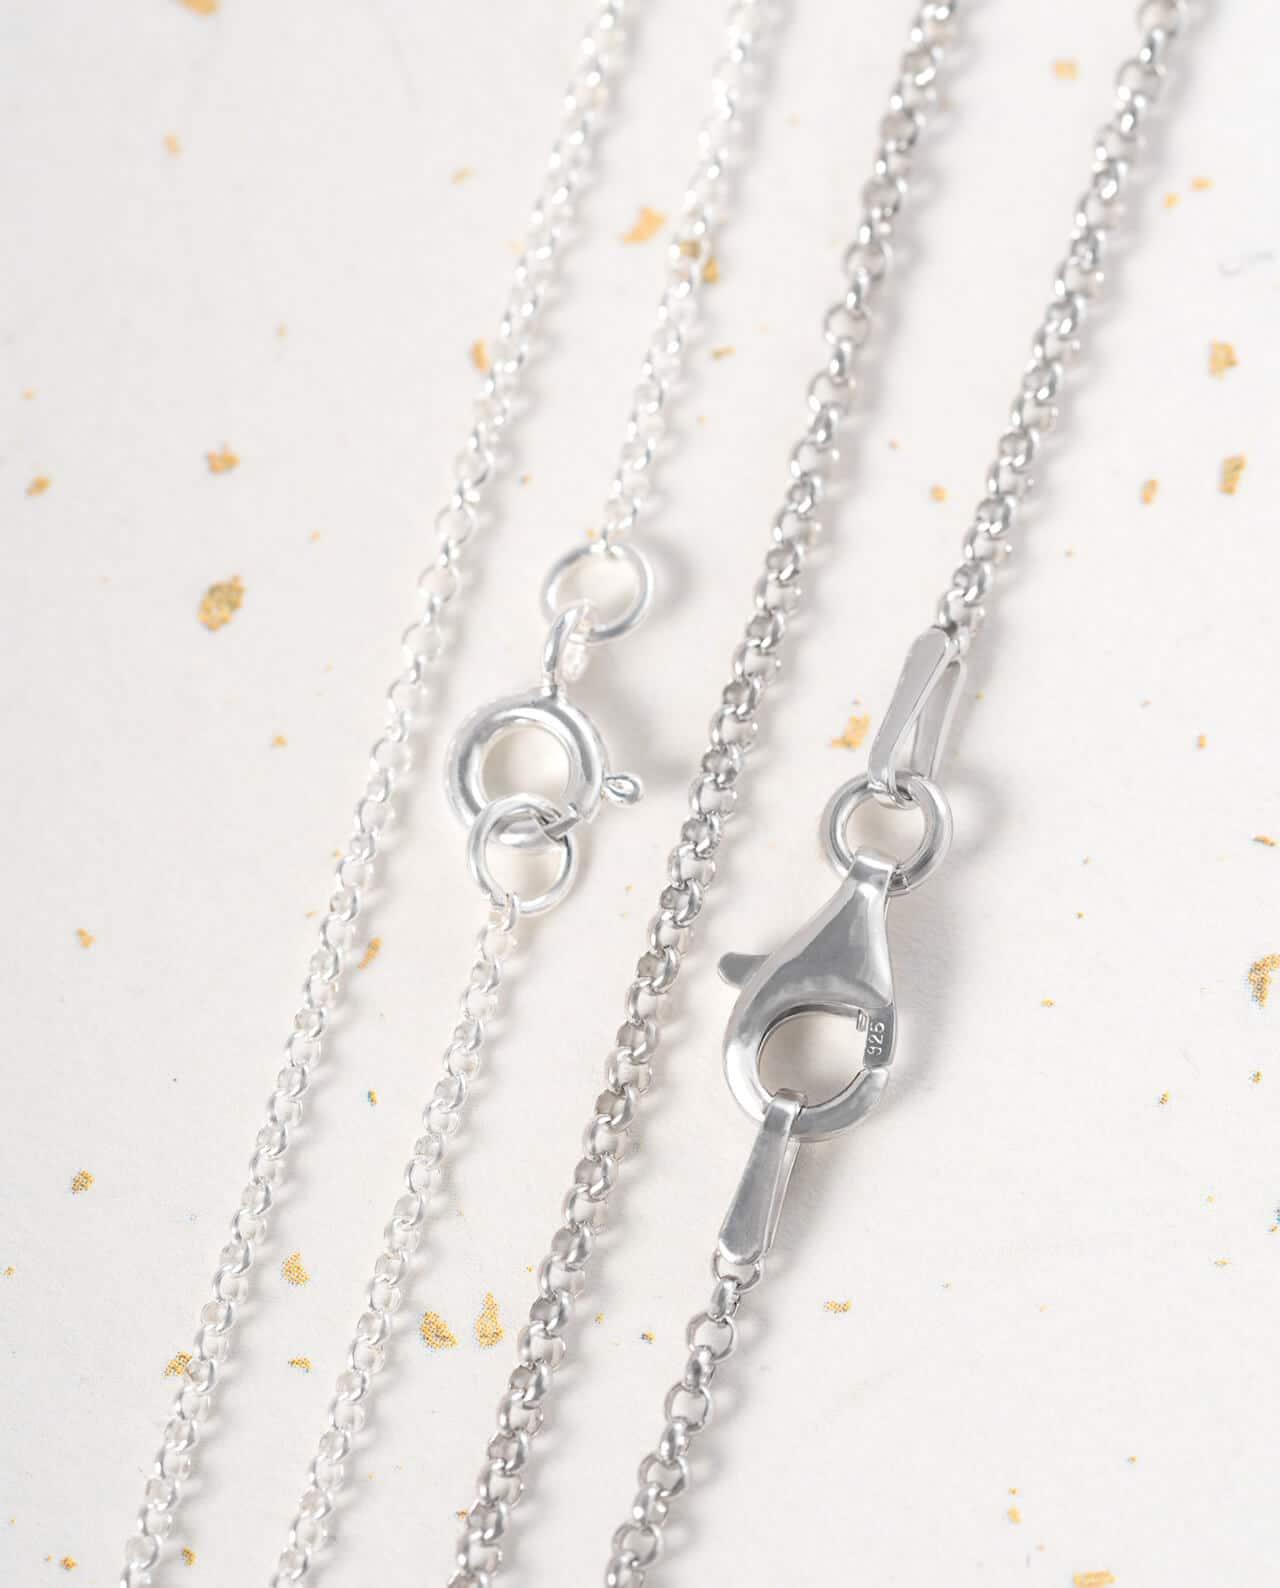 Conlight Silberkette peachain rhodiniert